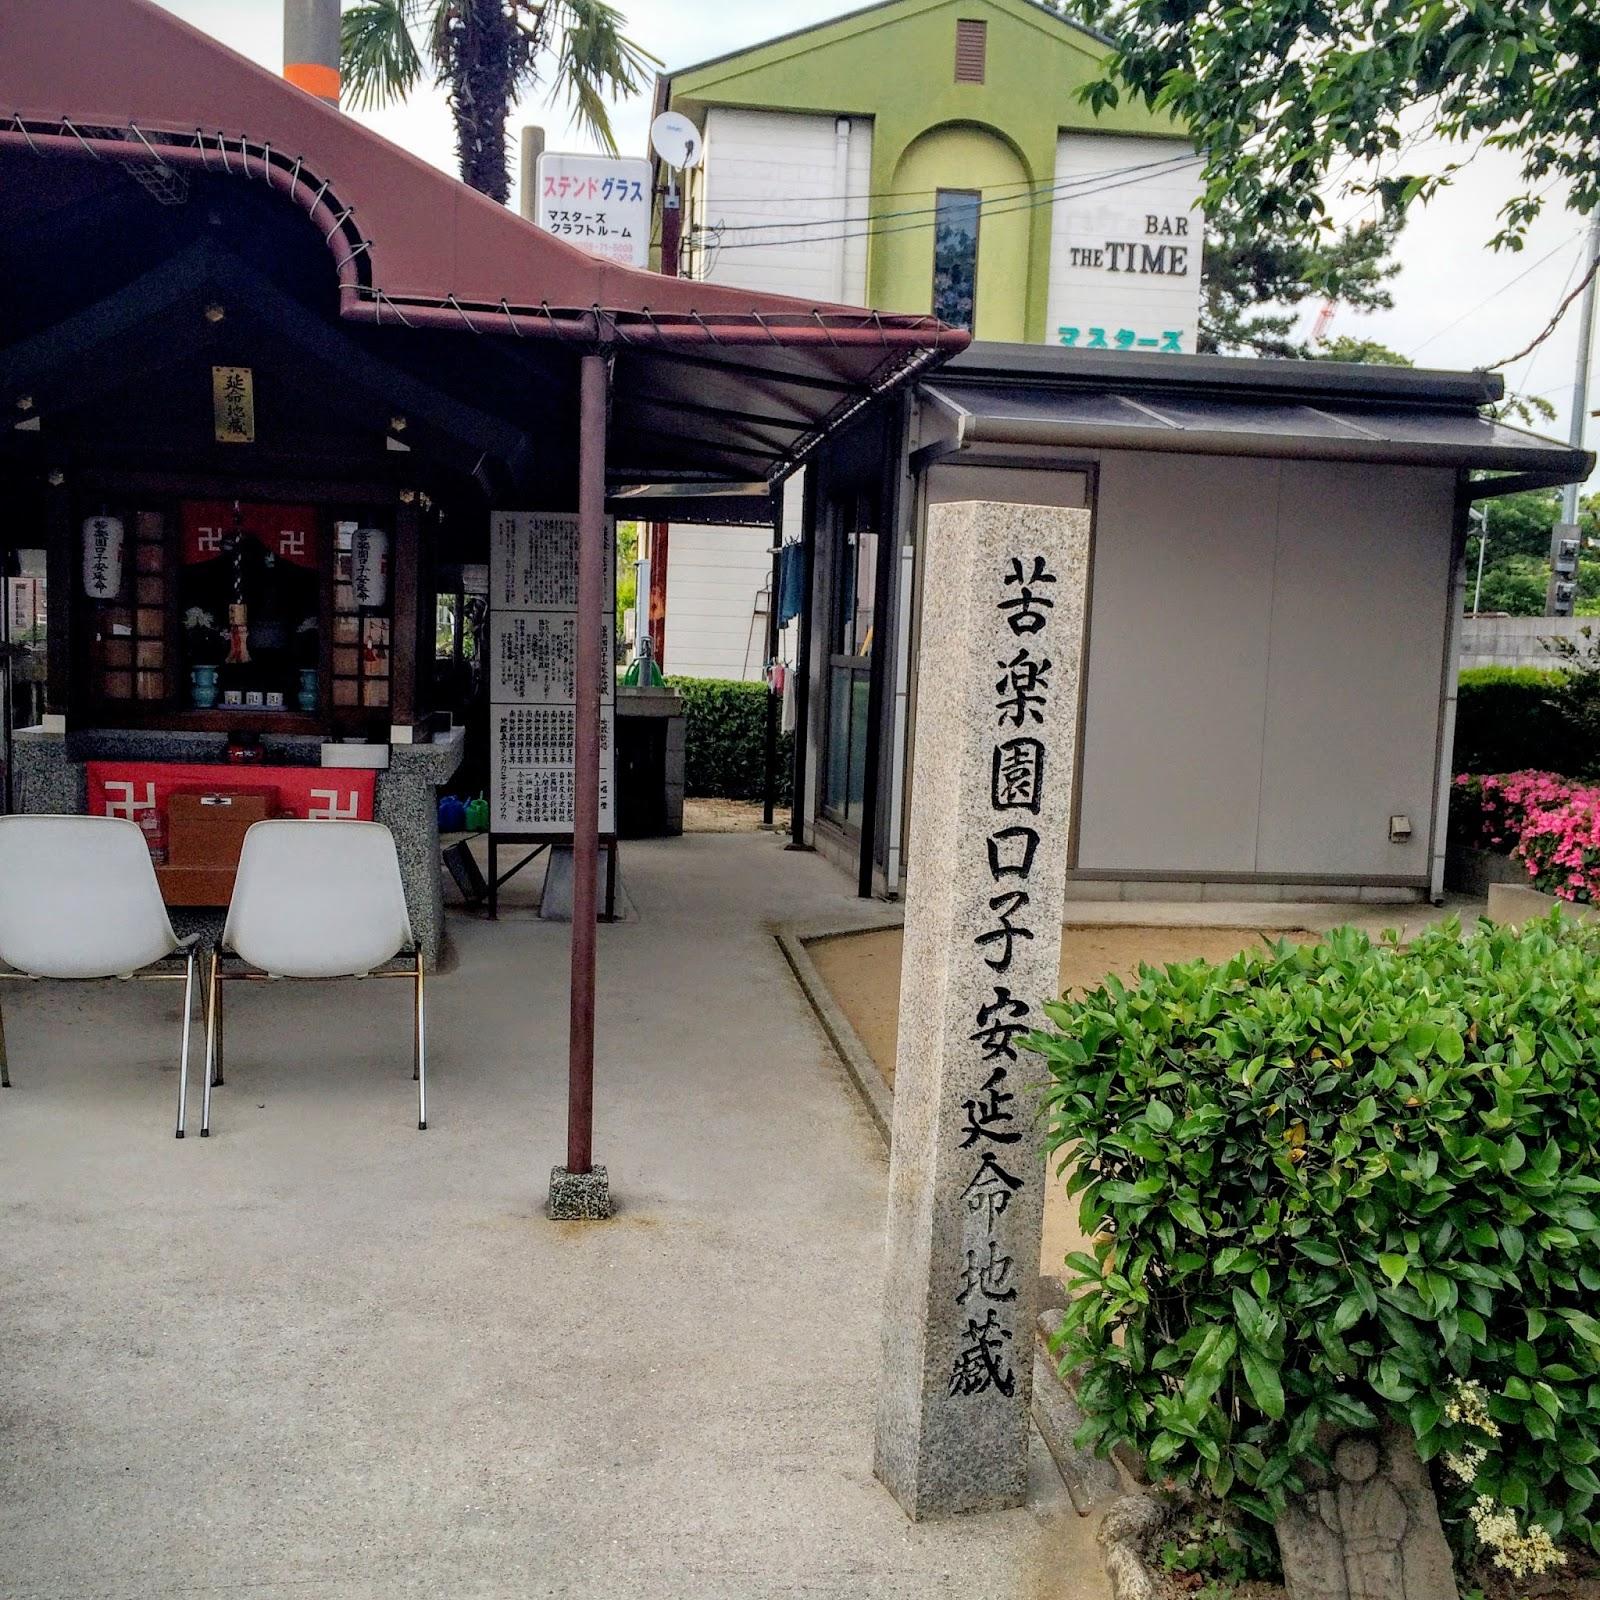 苦楽園の花カフェ(cafe)までの道のり